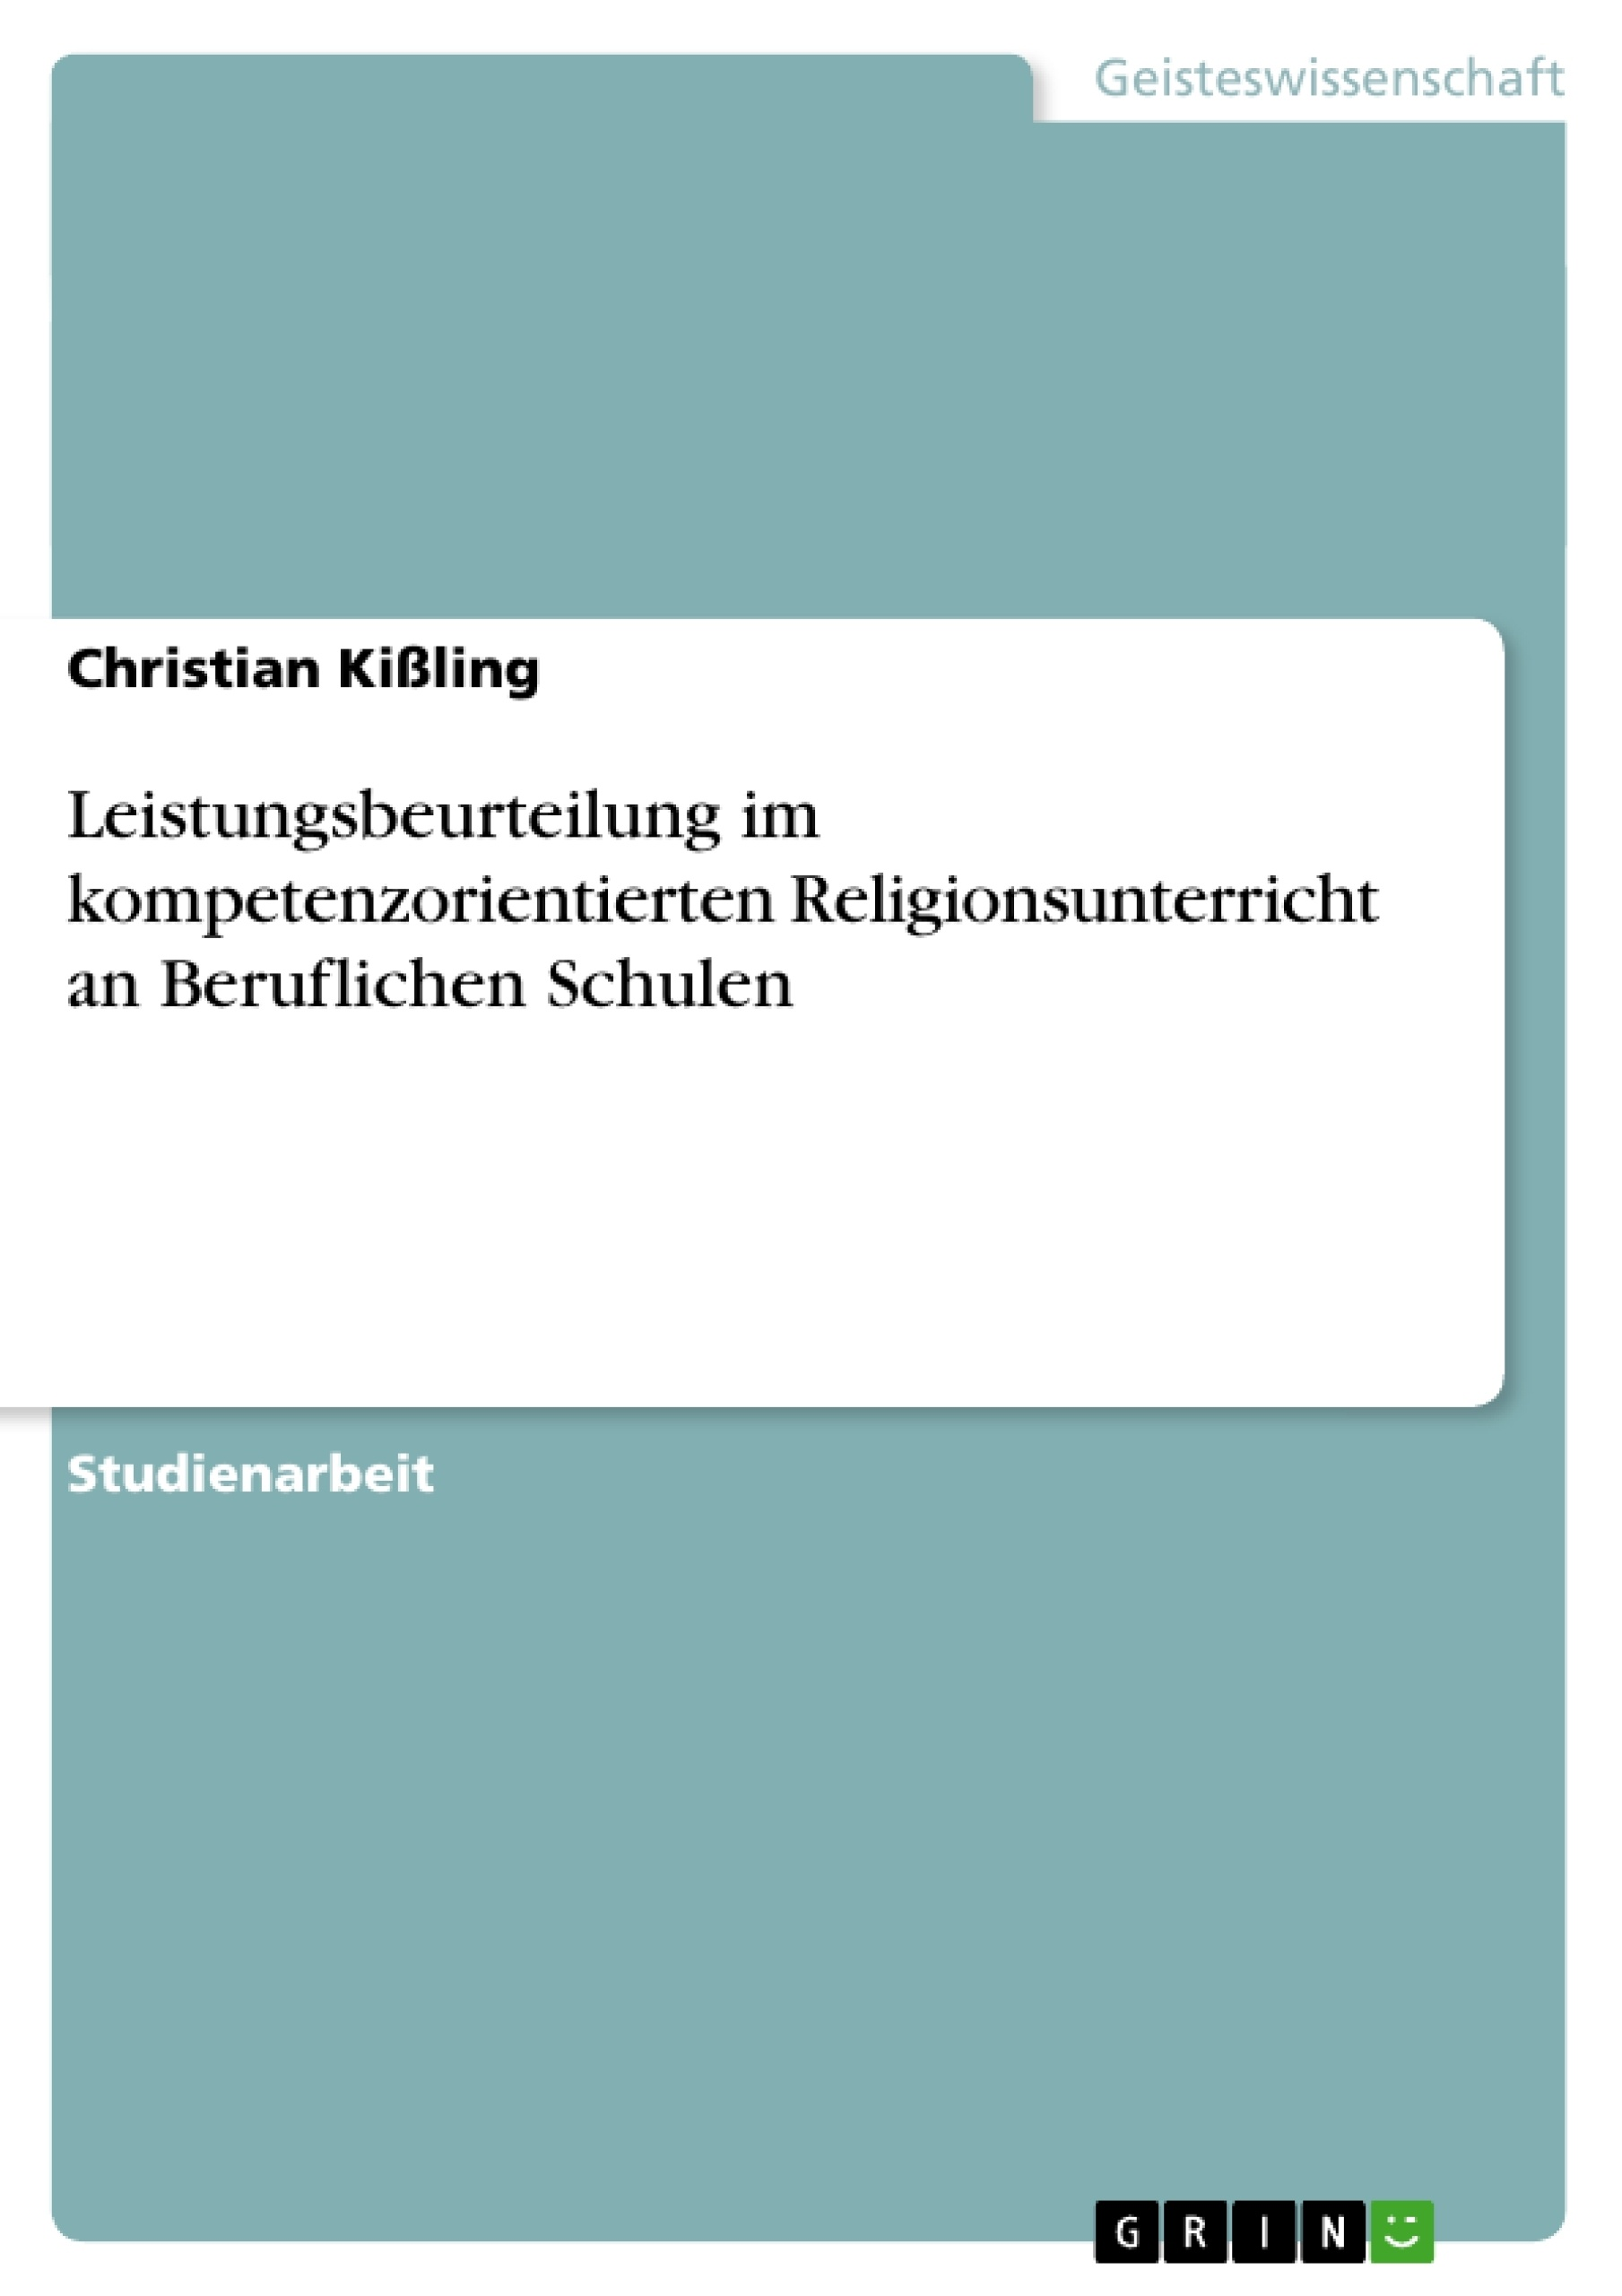 Titel: Leistungsbeurteilung im kompetenzorientierten Religionsunterricht an Beruflichen Schulen